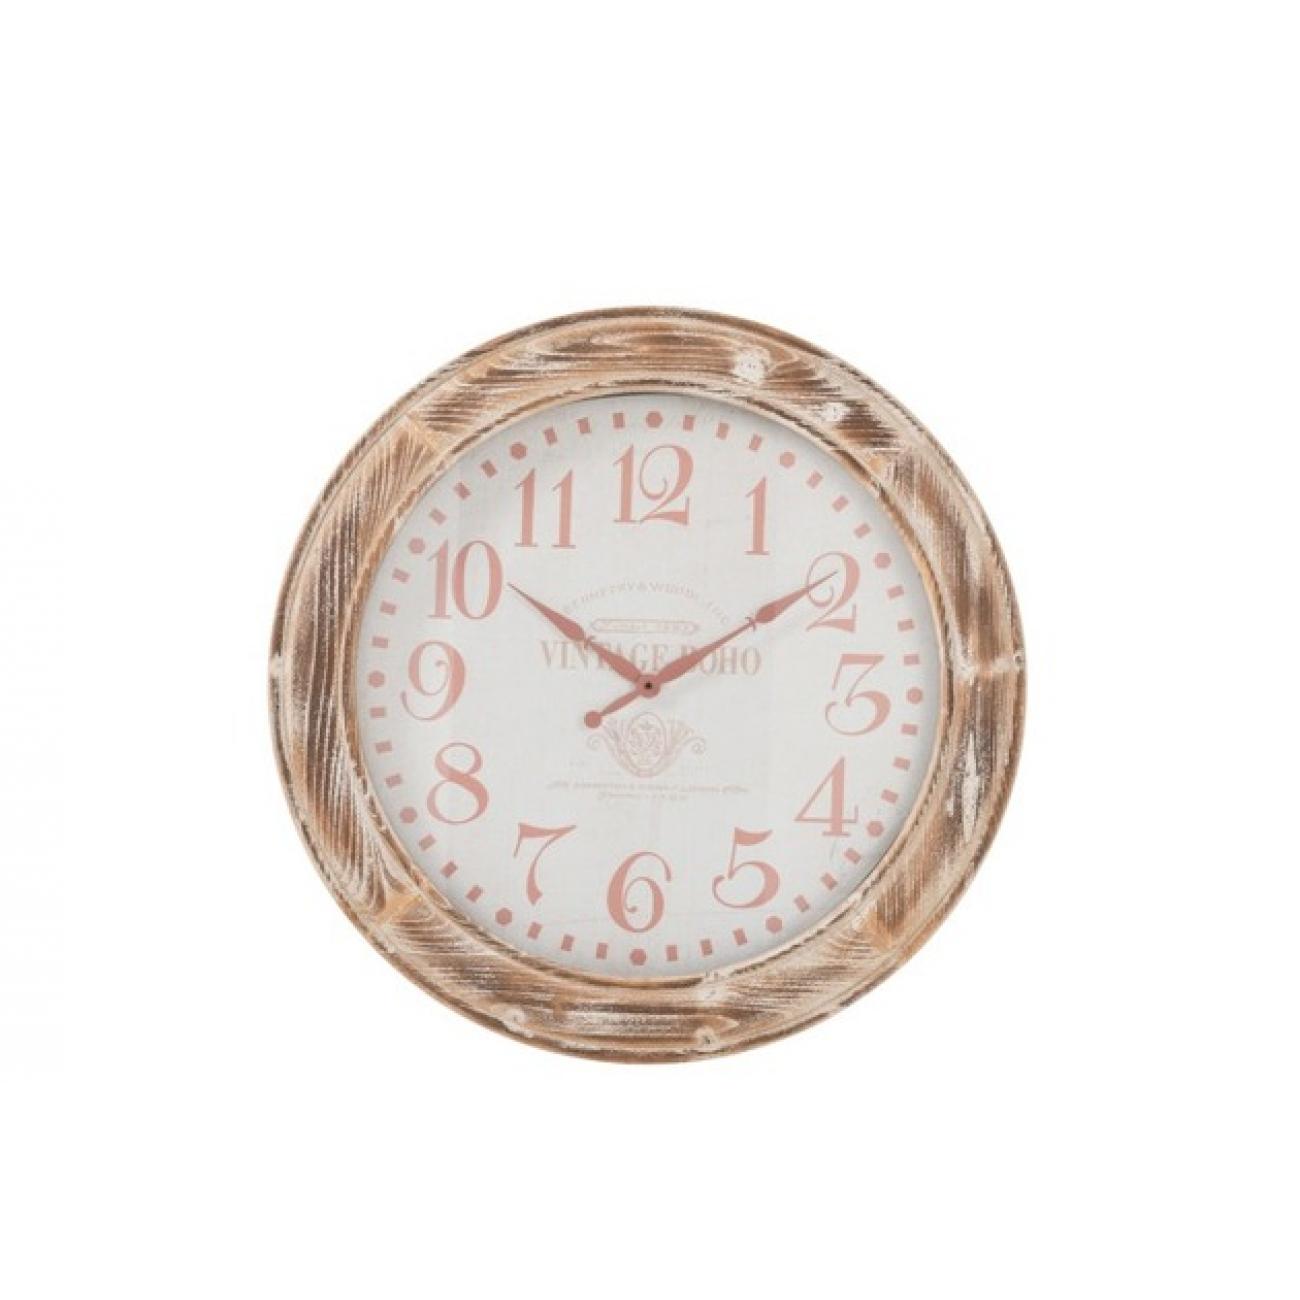 Настенные часы J-LINE круглые светло-коричневые в корпусе из натурального дерева диаметр 78 см